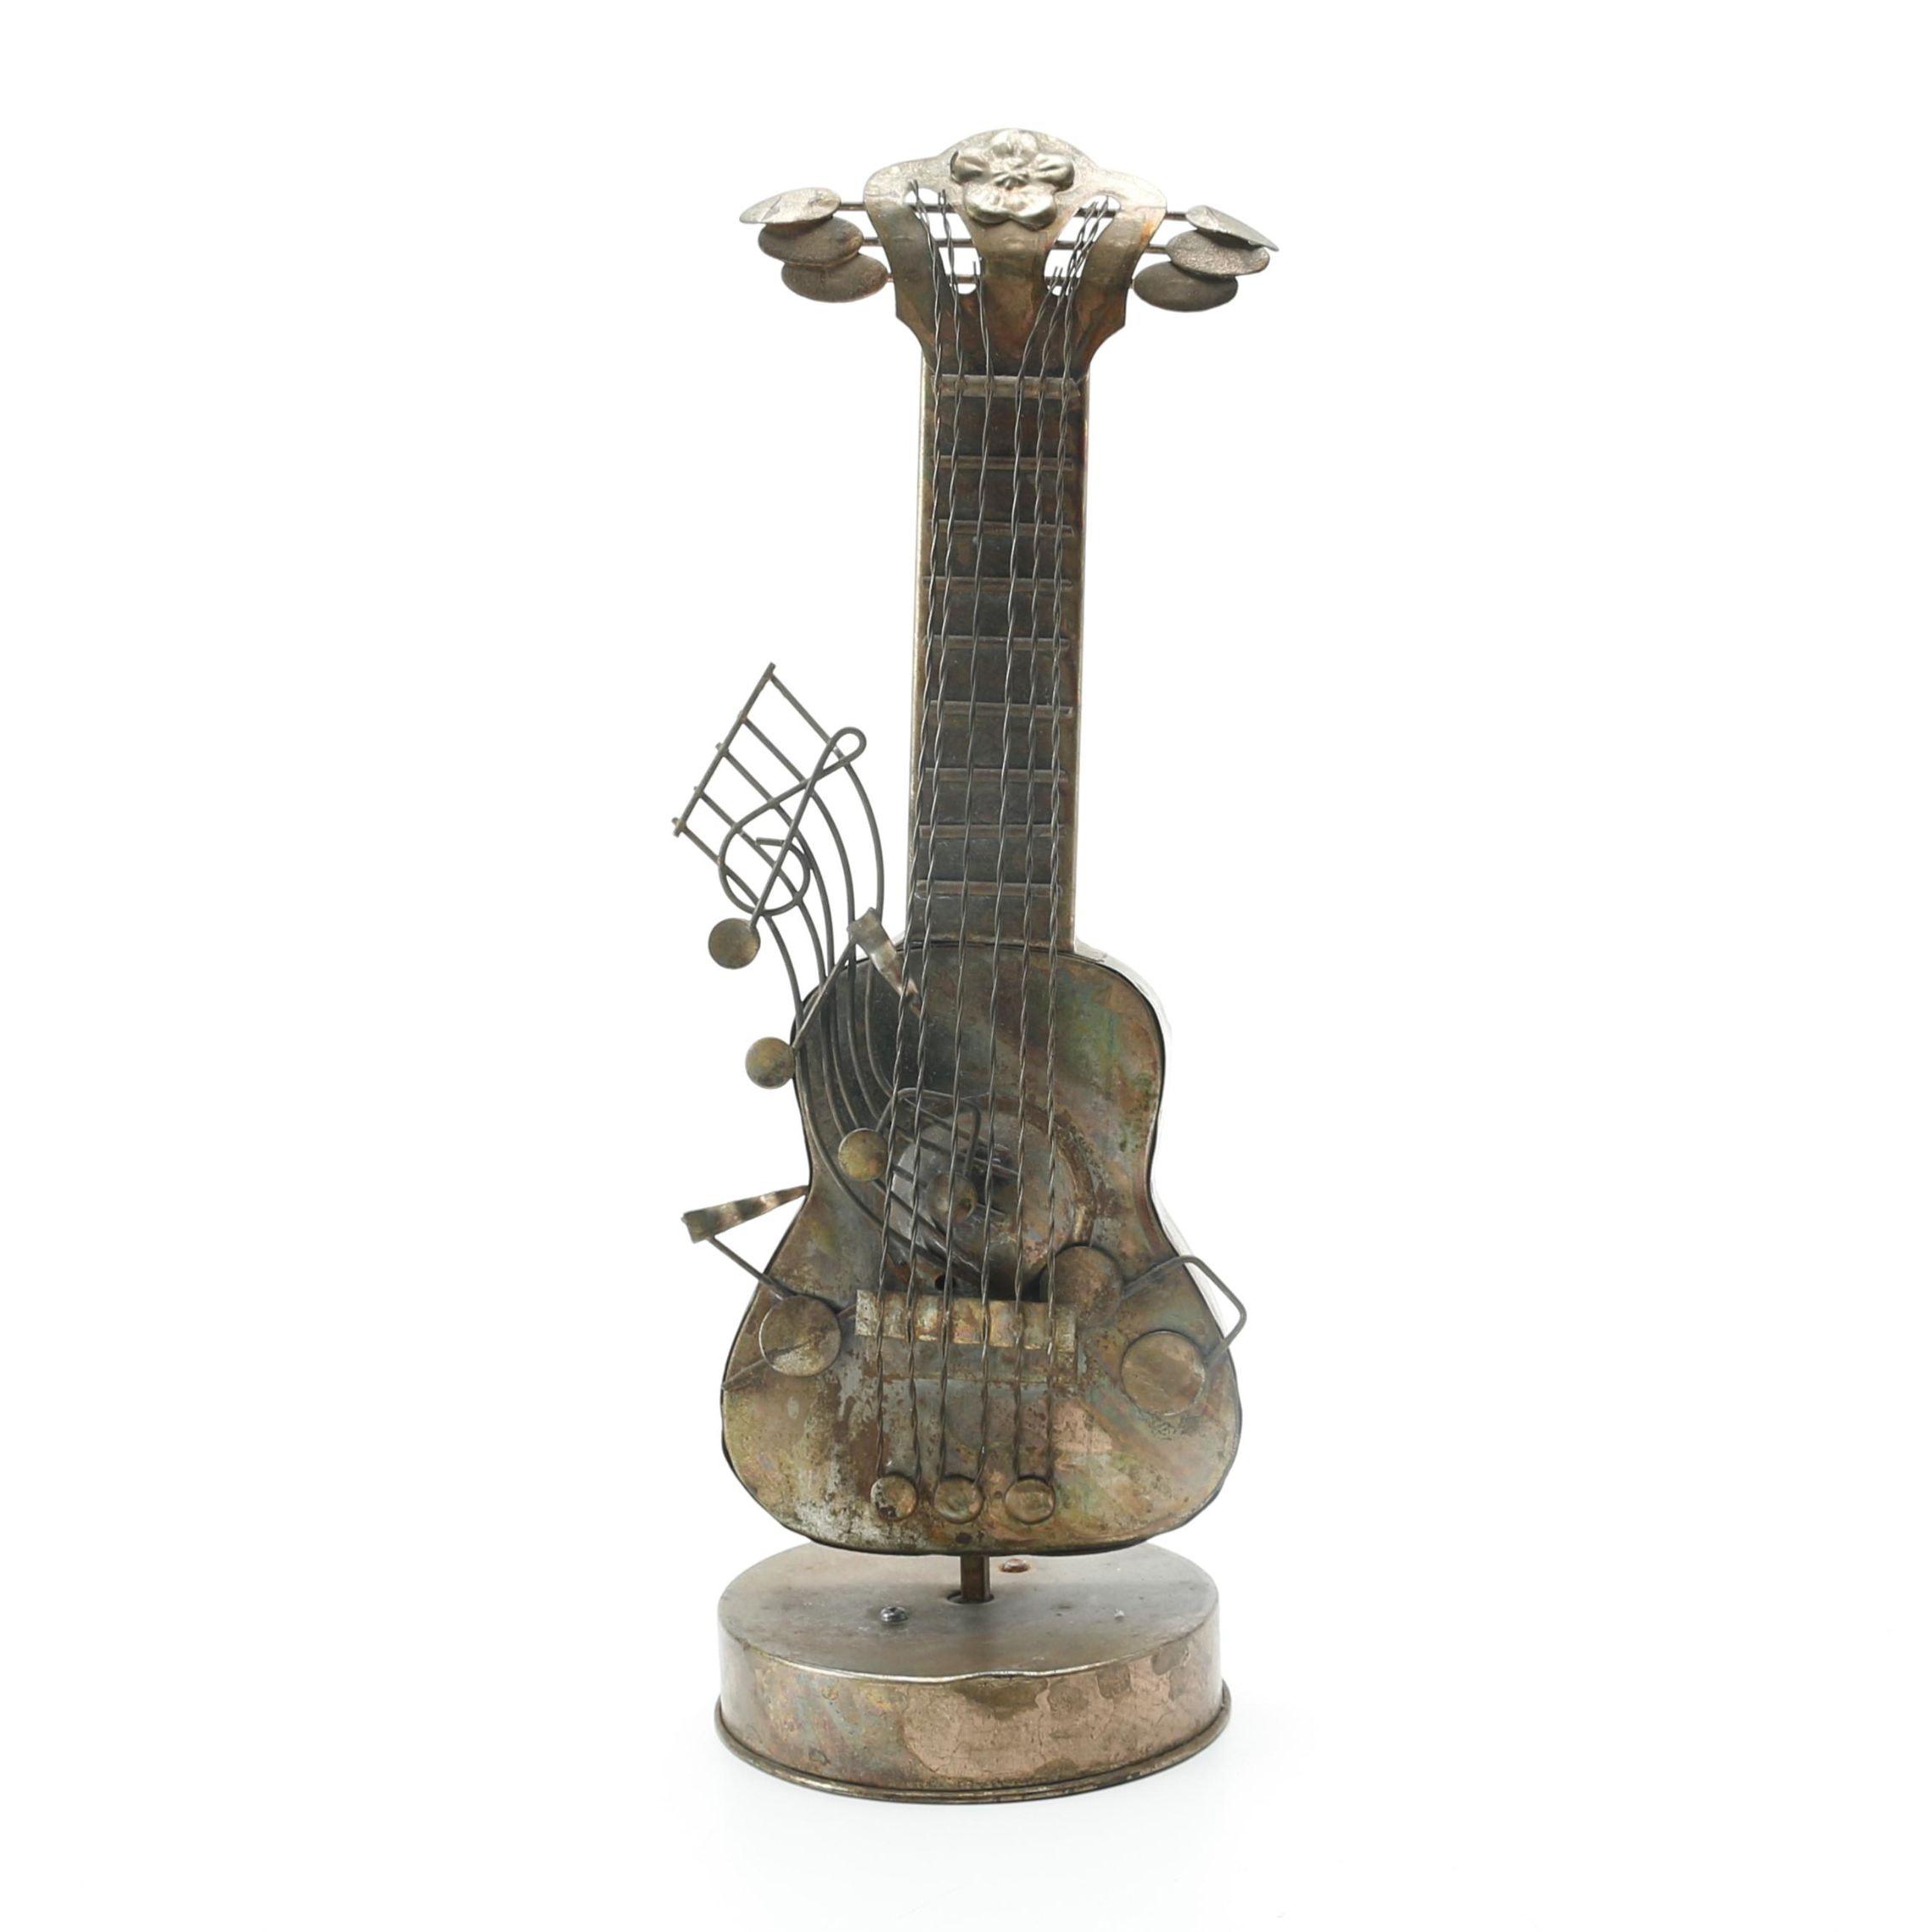 Guitar Theme Music Box